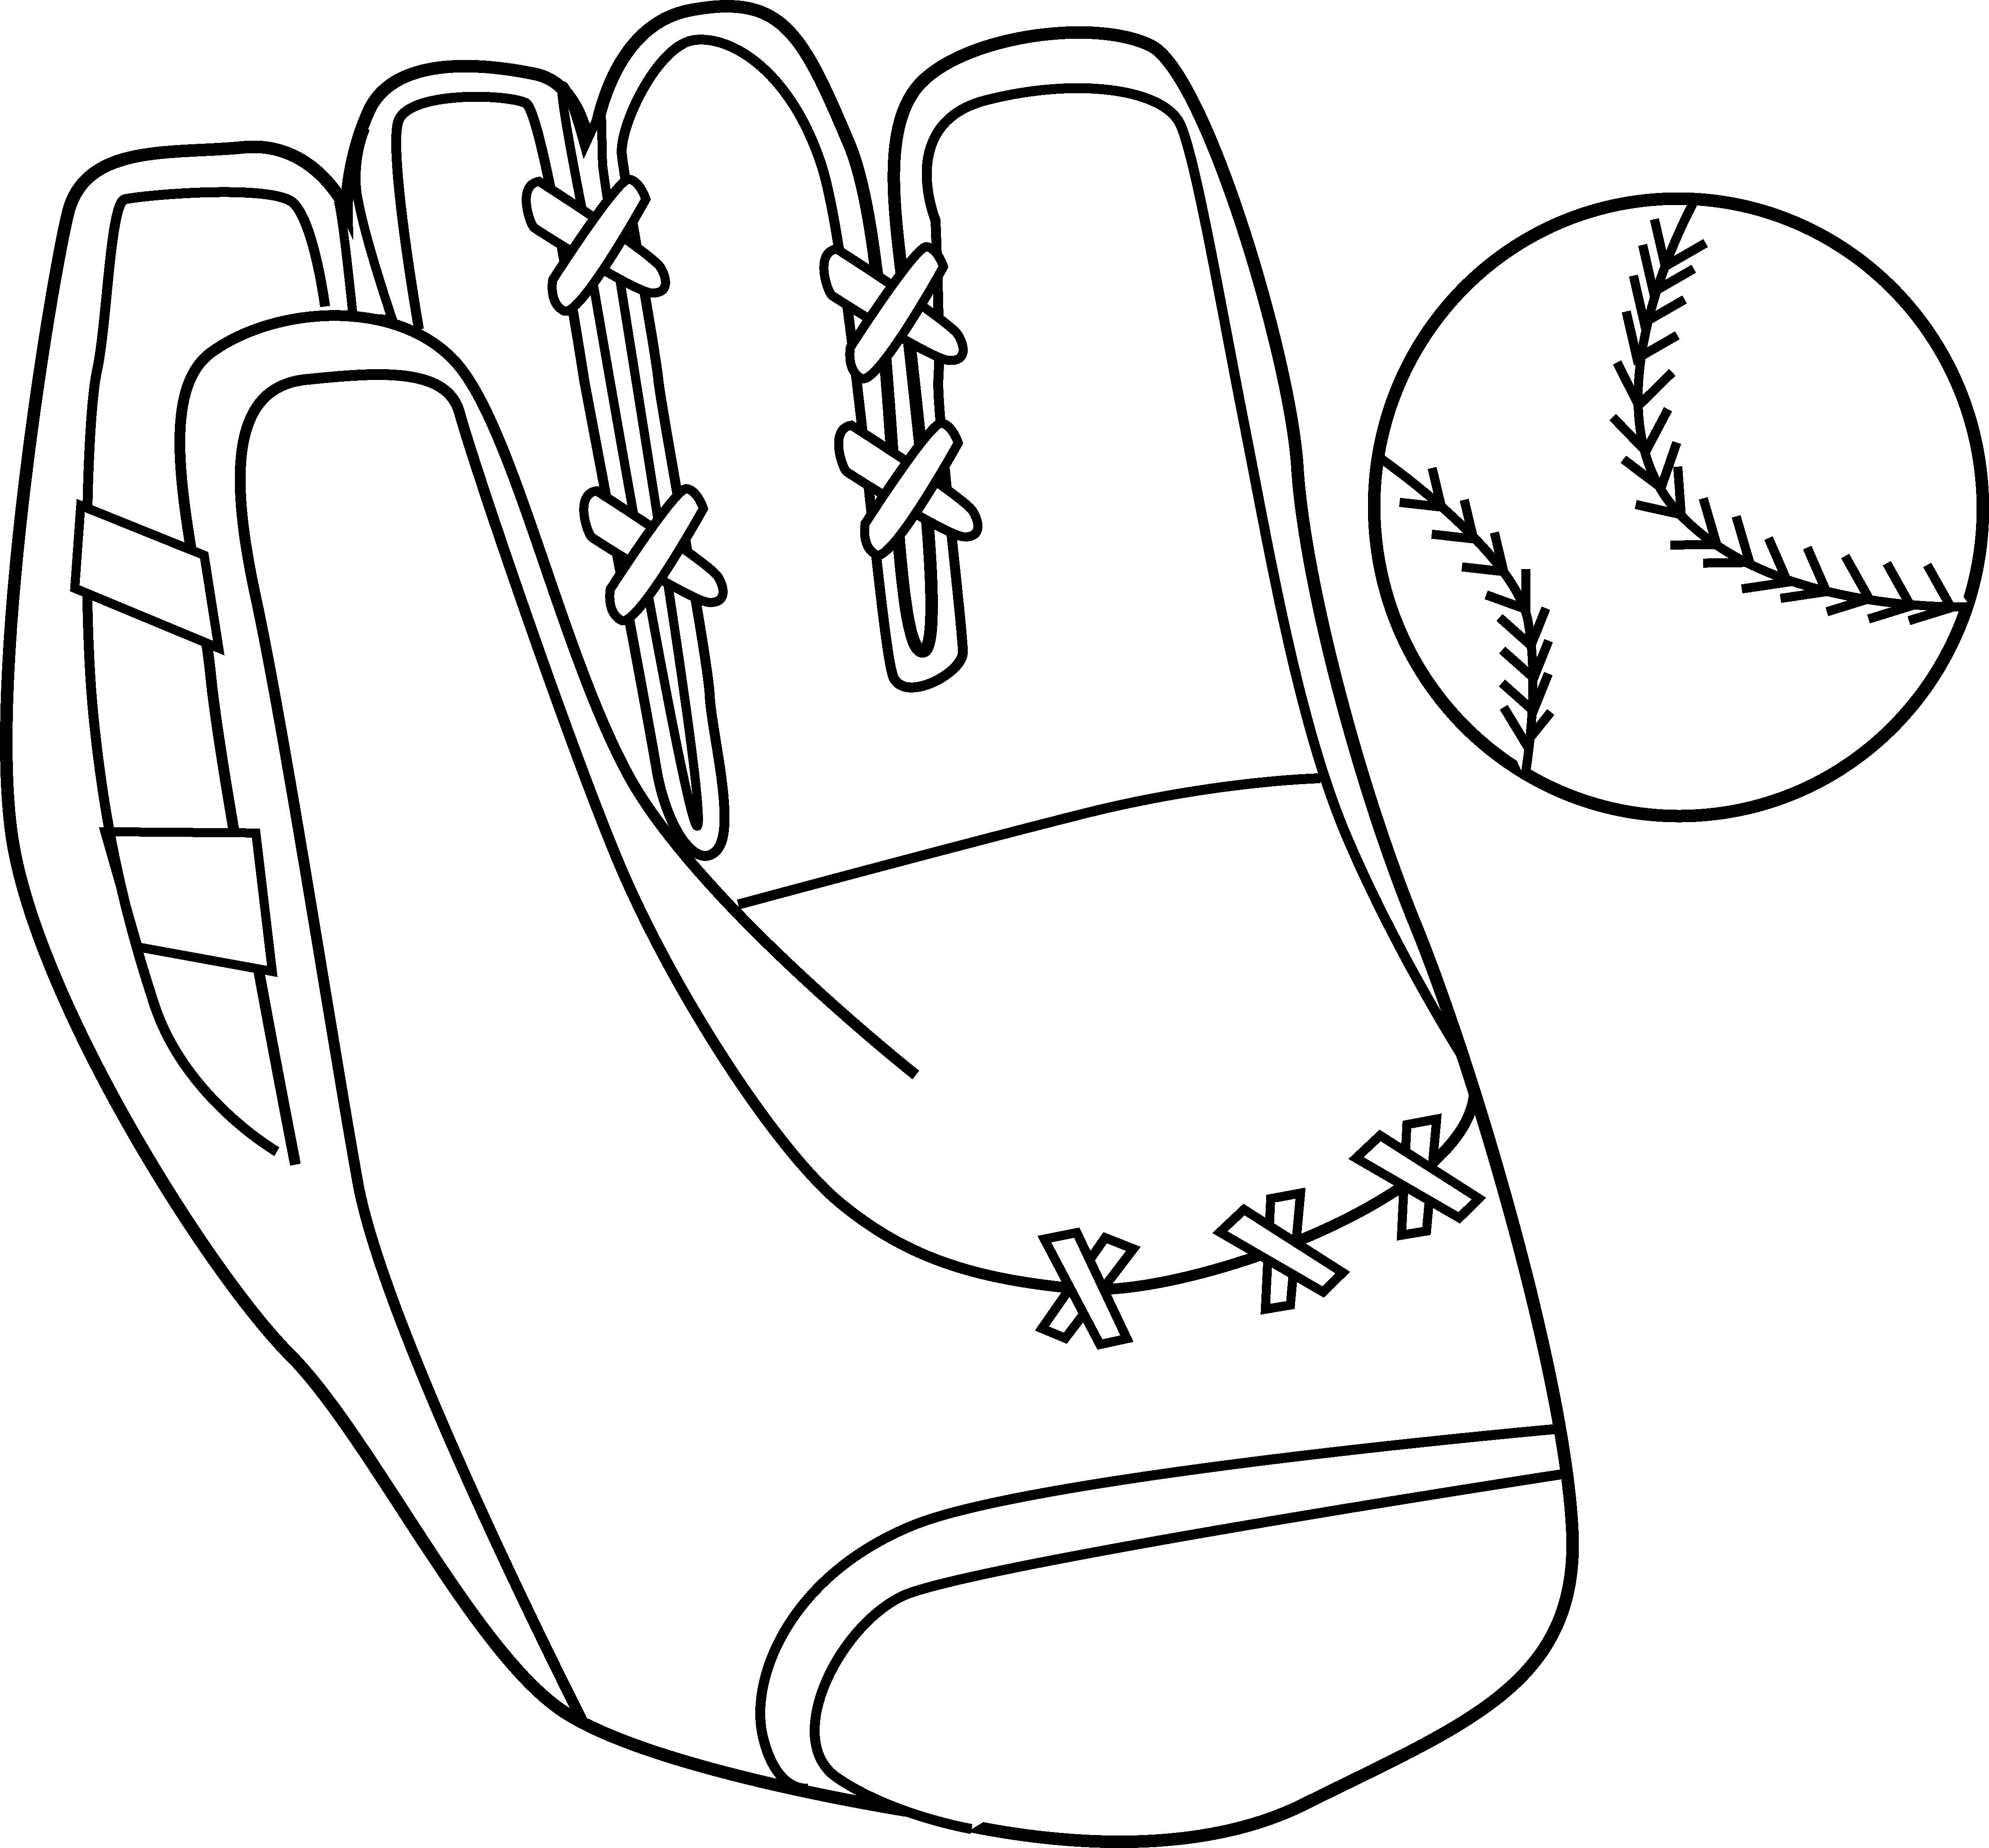 Mittens clipart mitten pattern. Baseball mitt and ball